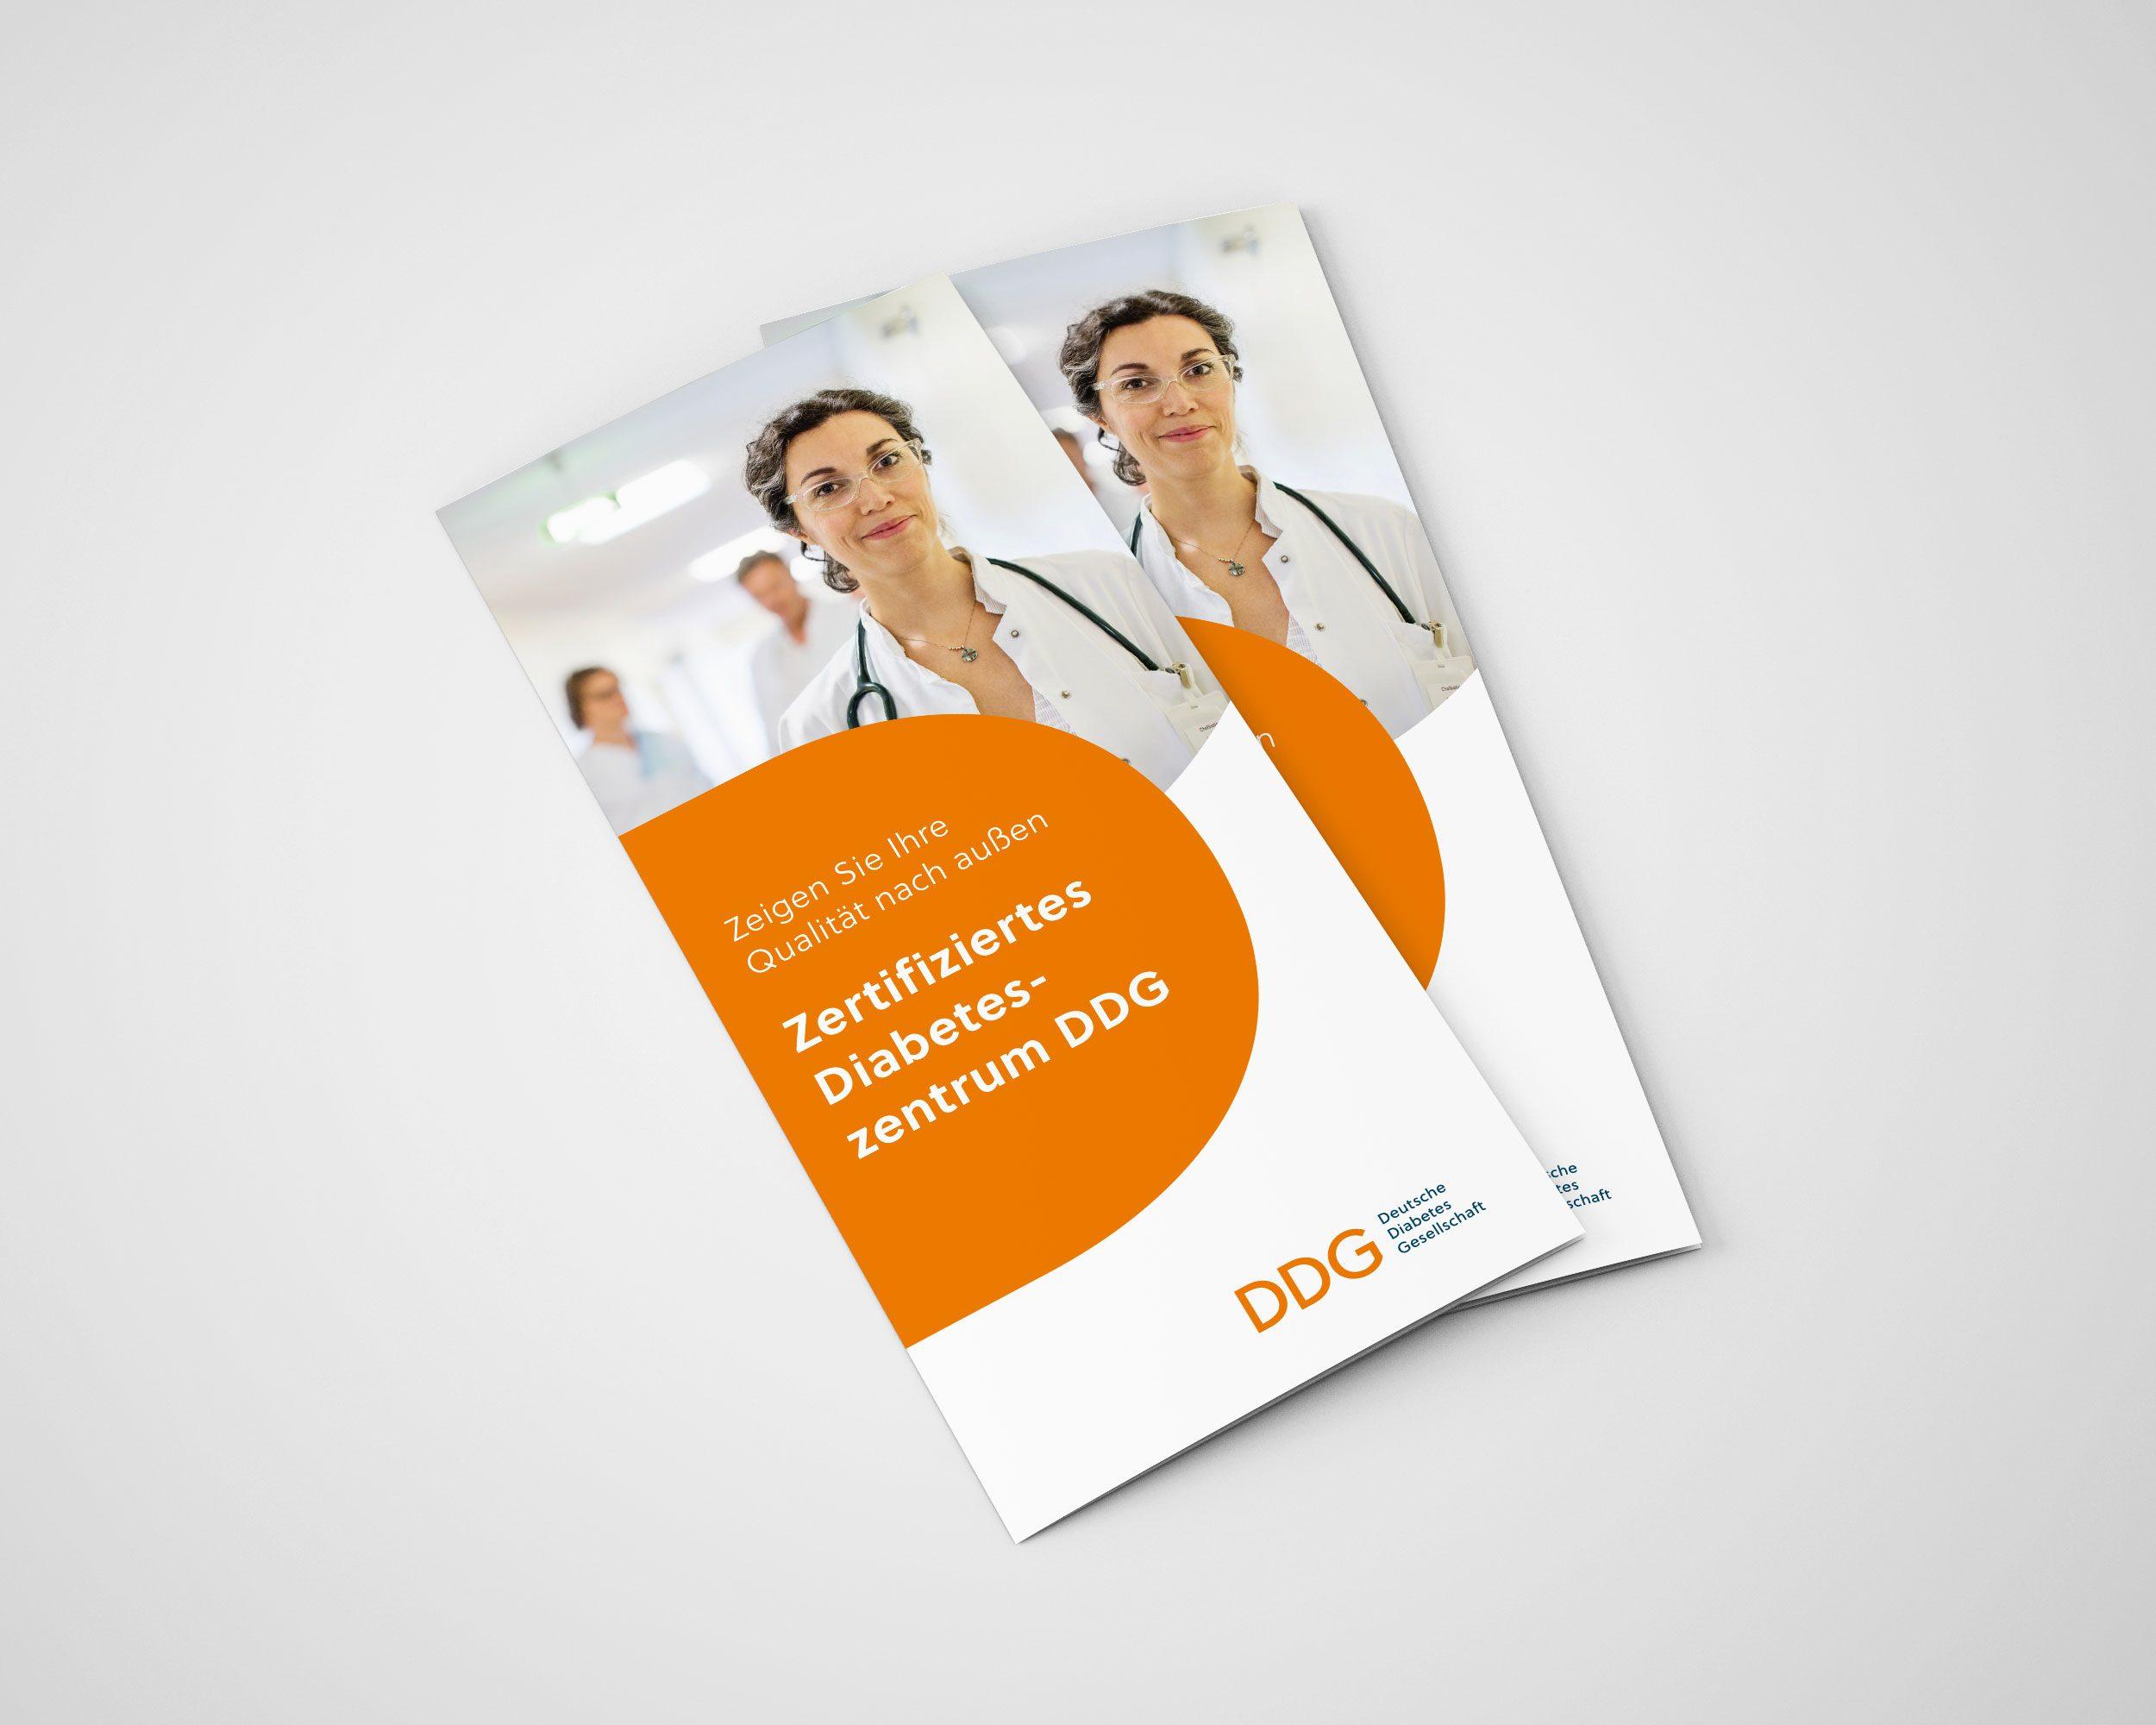 Flyerdesign für Deutsche Diabetes Gesellschaft